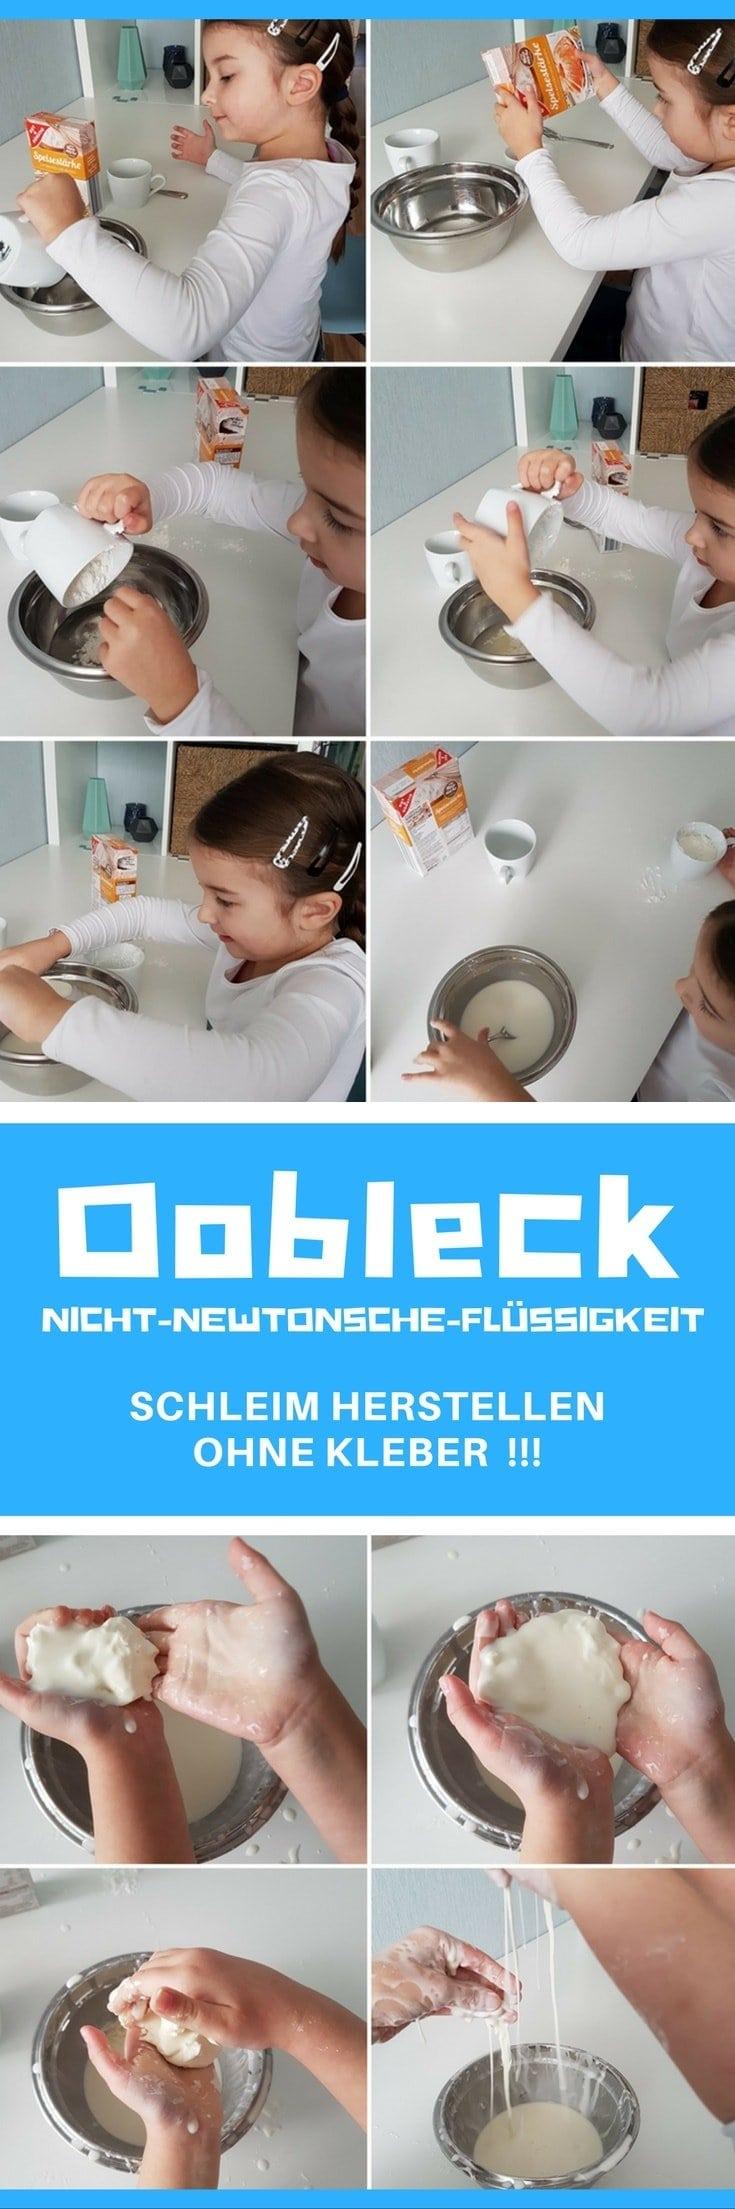 Oobleck selber machen - Schleim ohne Kleber aus Speisestärke herstellen #Experiment #Kinder #Schule #Kindergarten